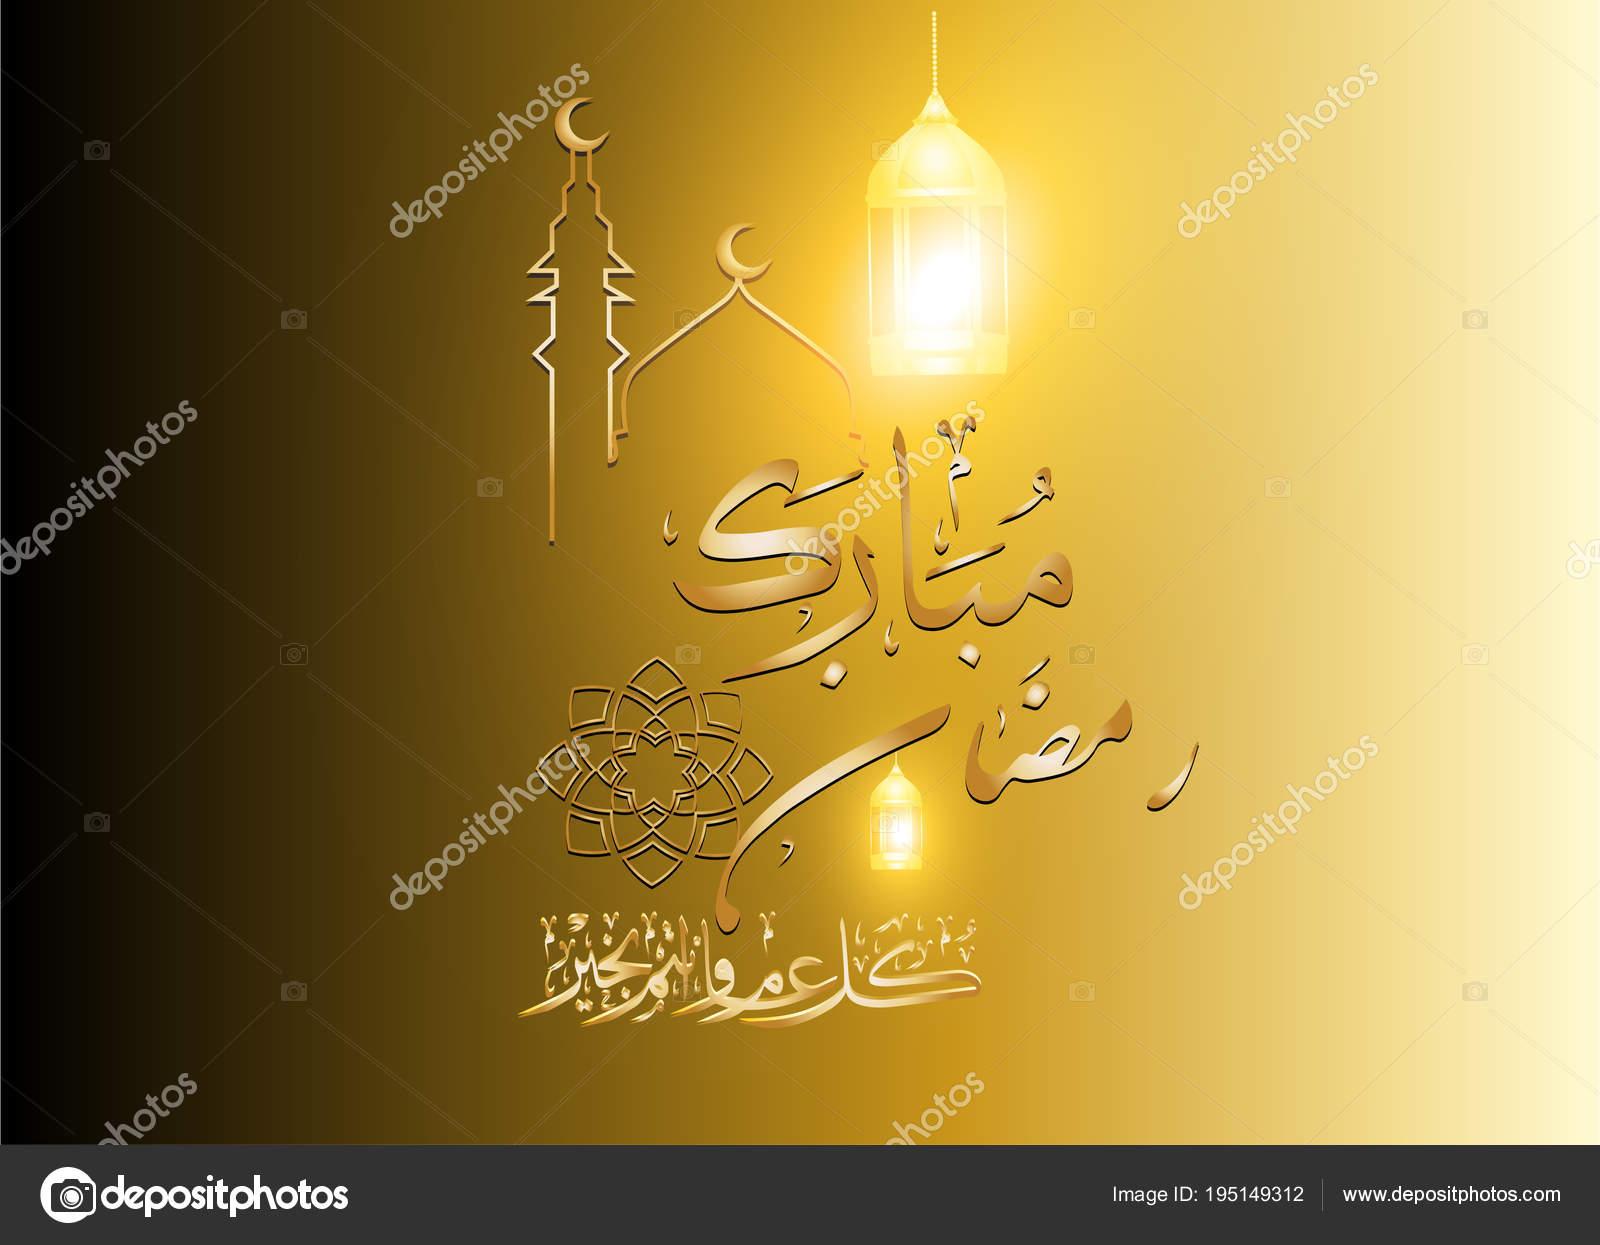 Арабские открытки с поздравлением фото 746